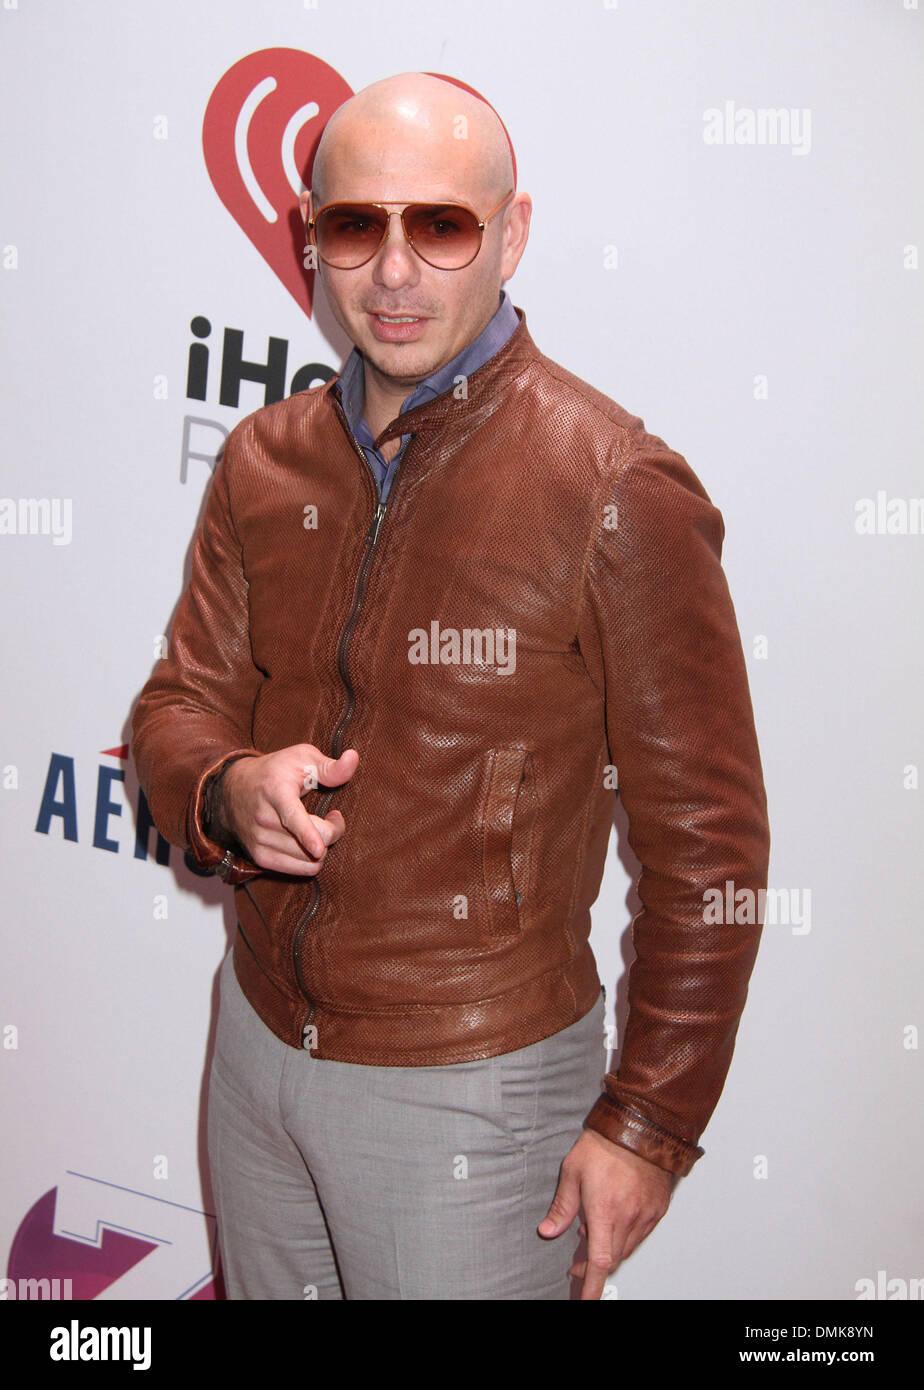 Dec 13 2013 New York New York Us Singer Pitbull Attends